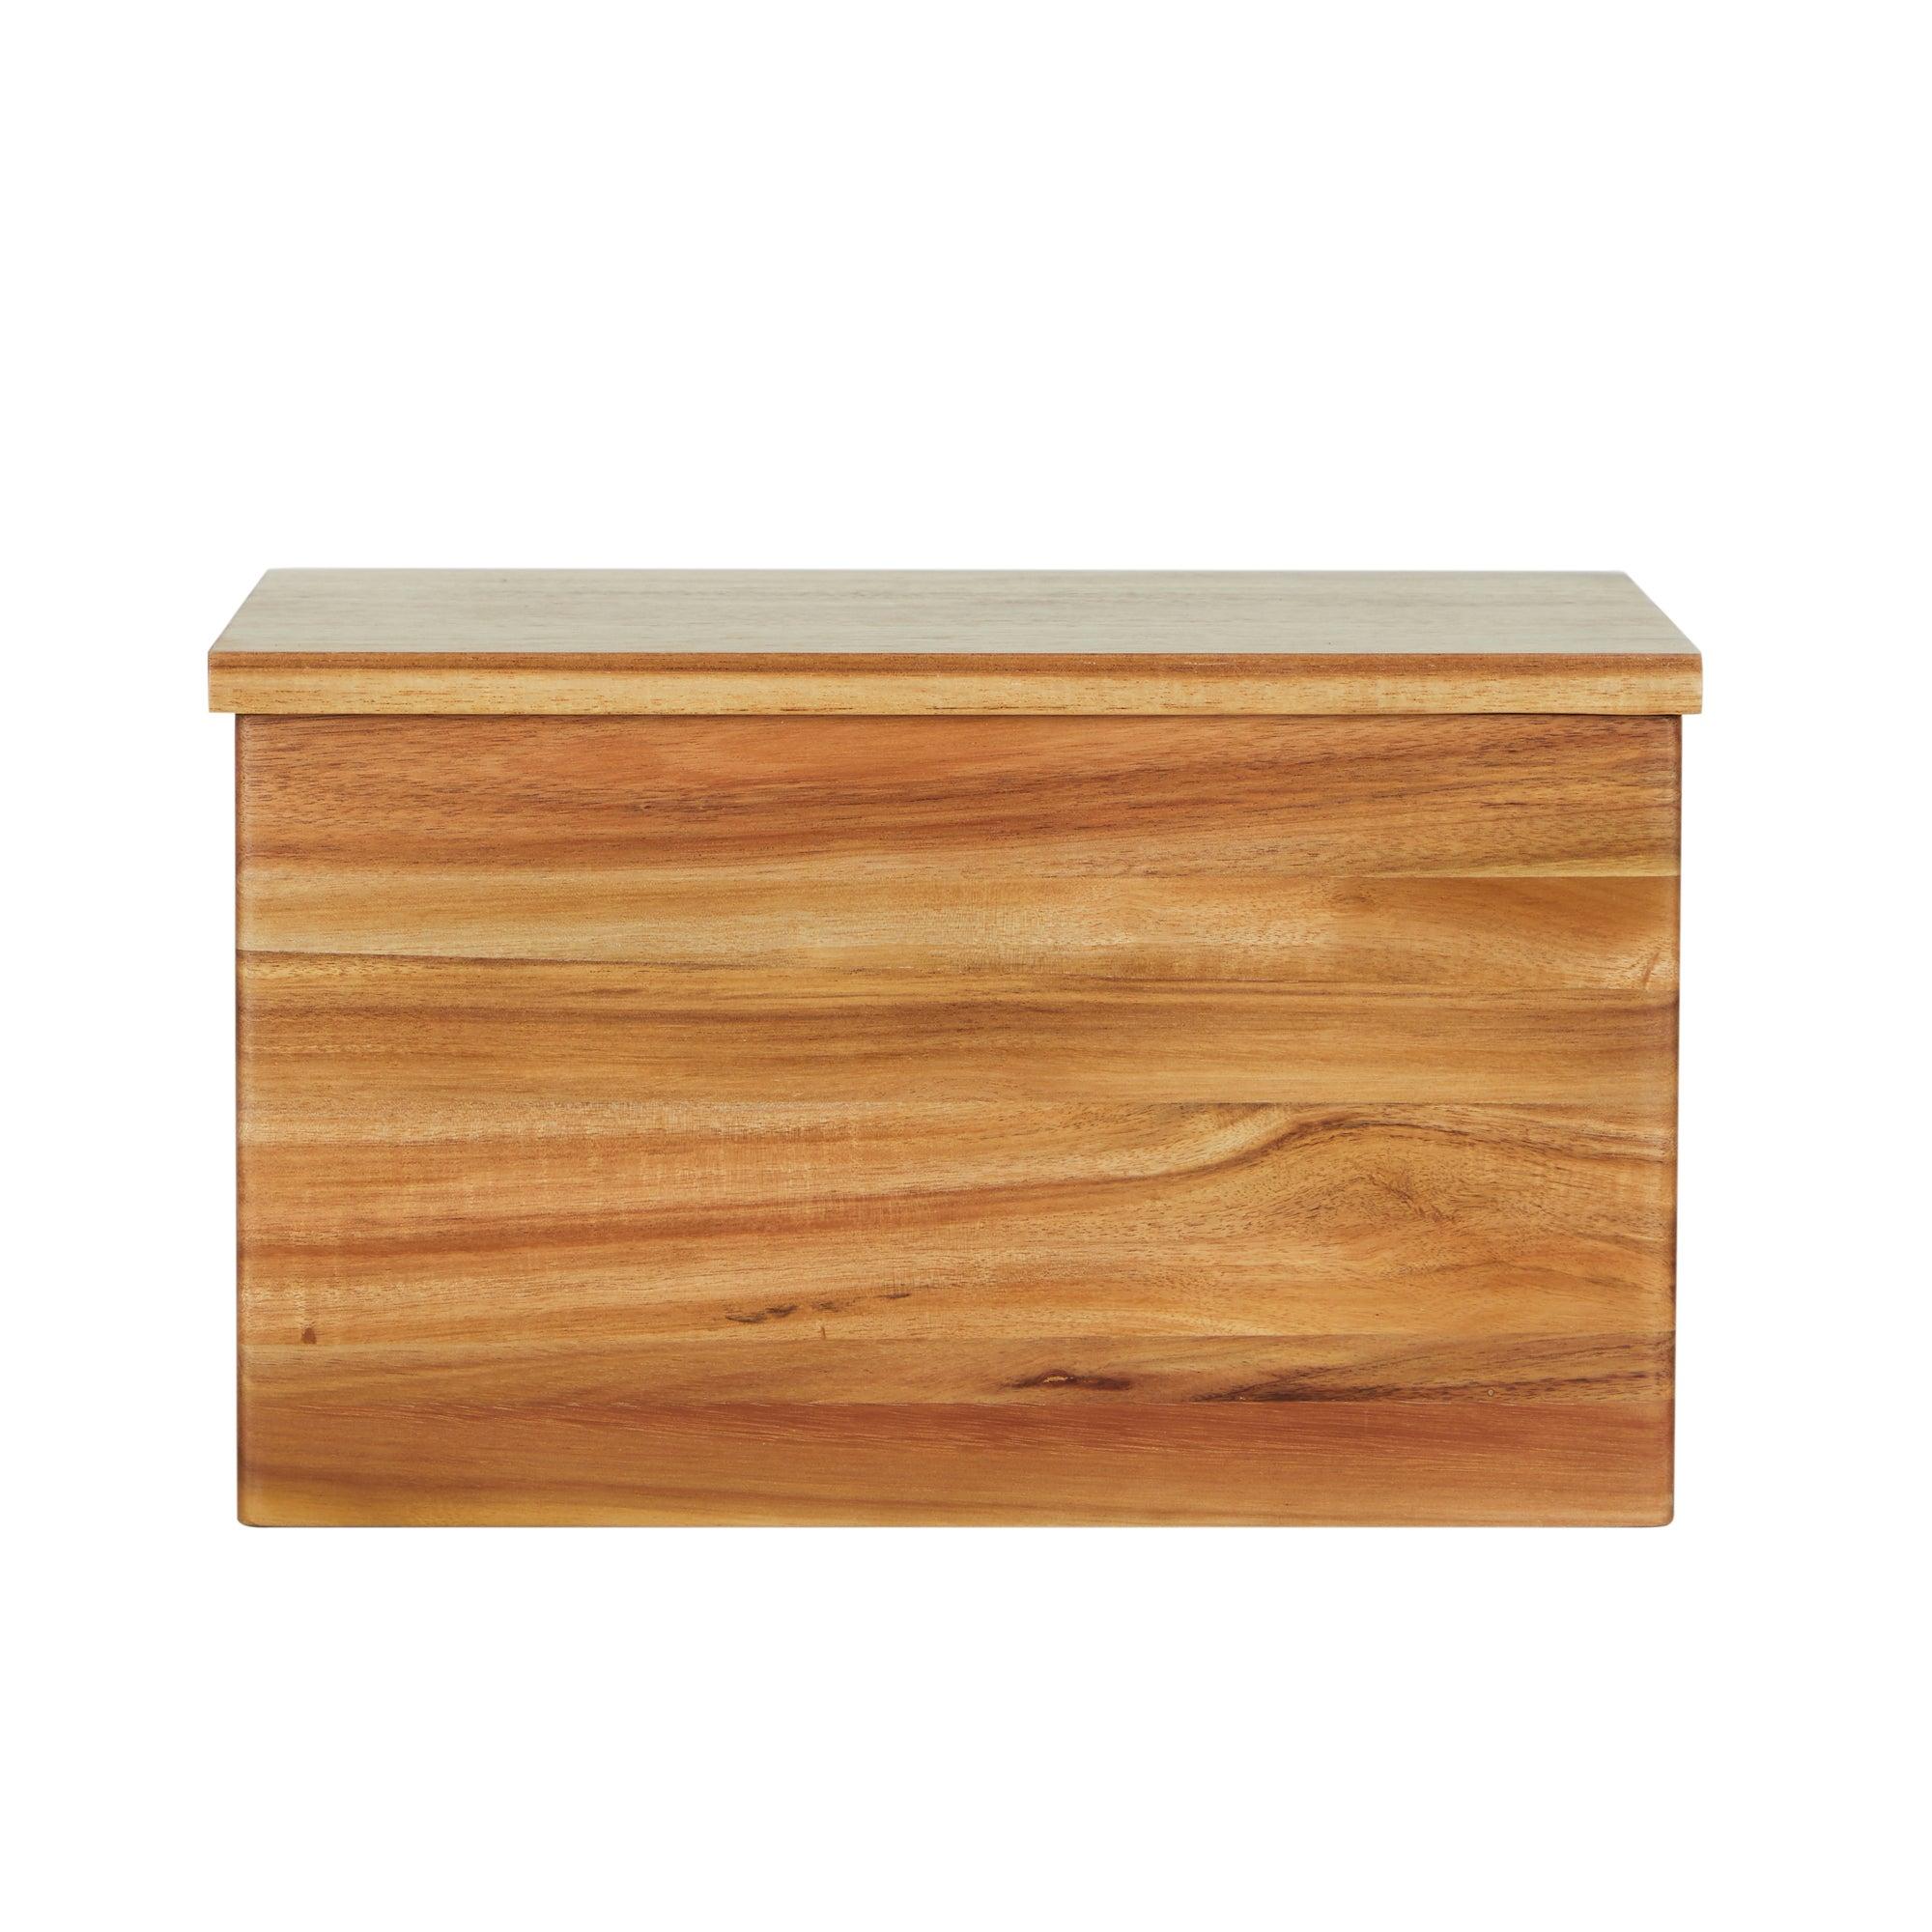 Acacia Wooden Bread Bin Brown